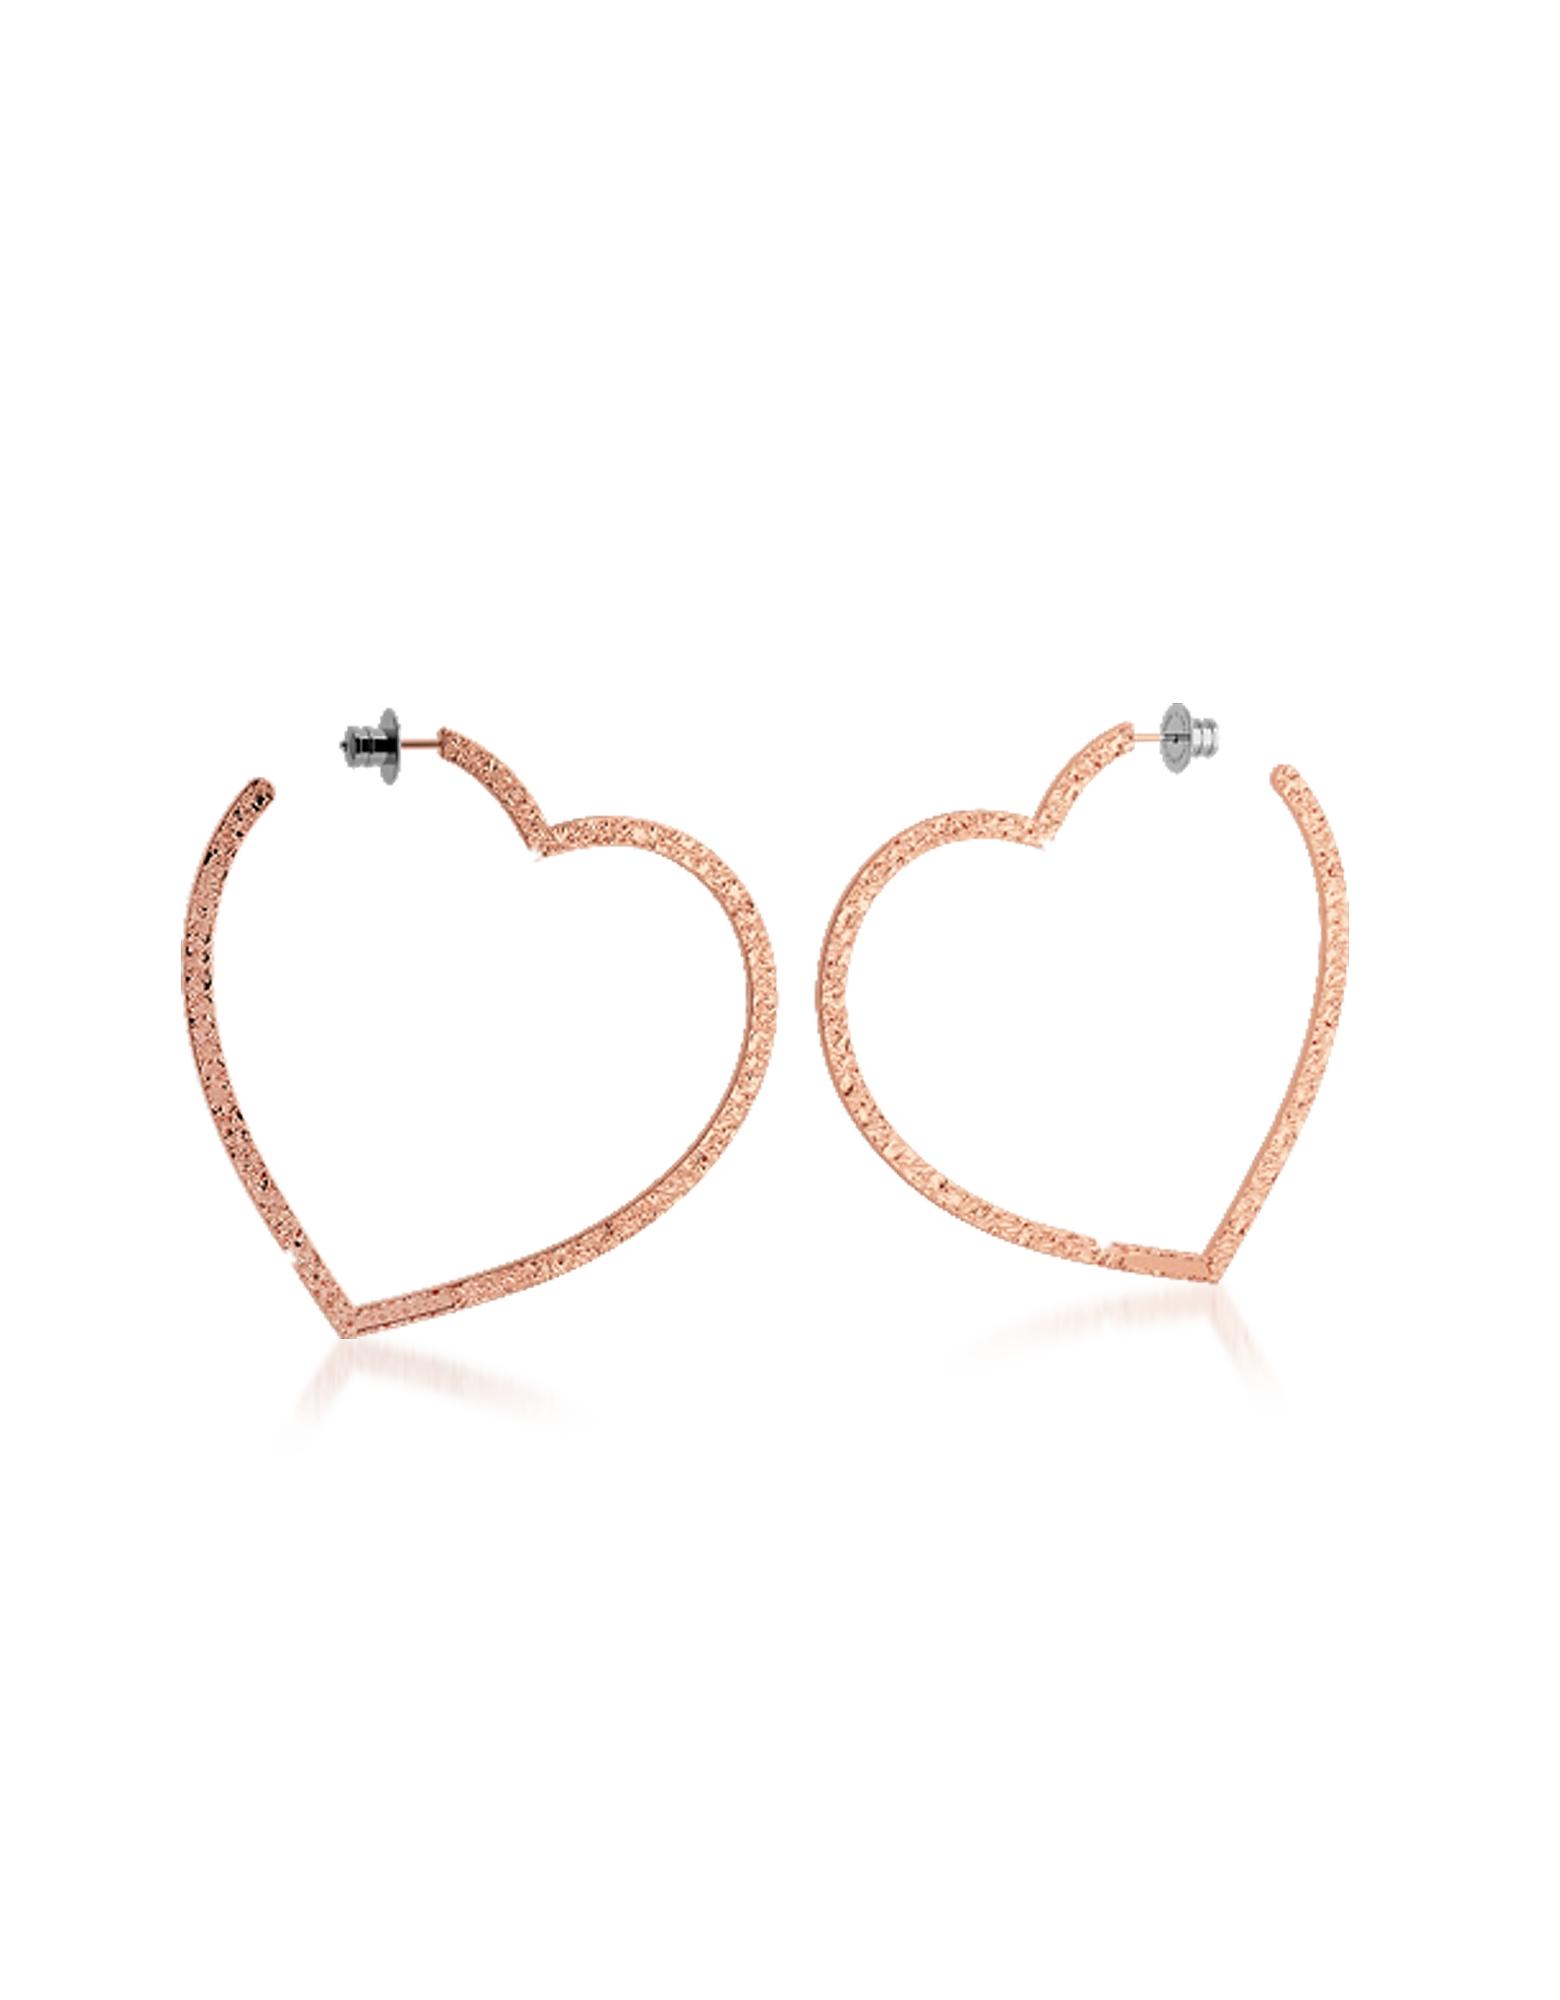 R-ZERO Rose Gold Over Bronze Heart Earrings